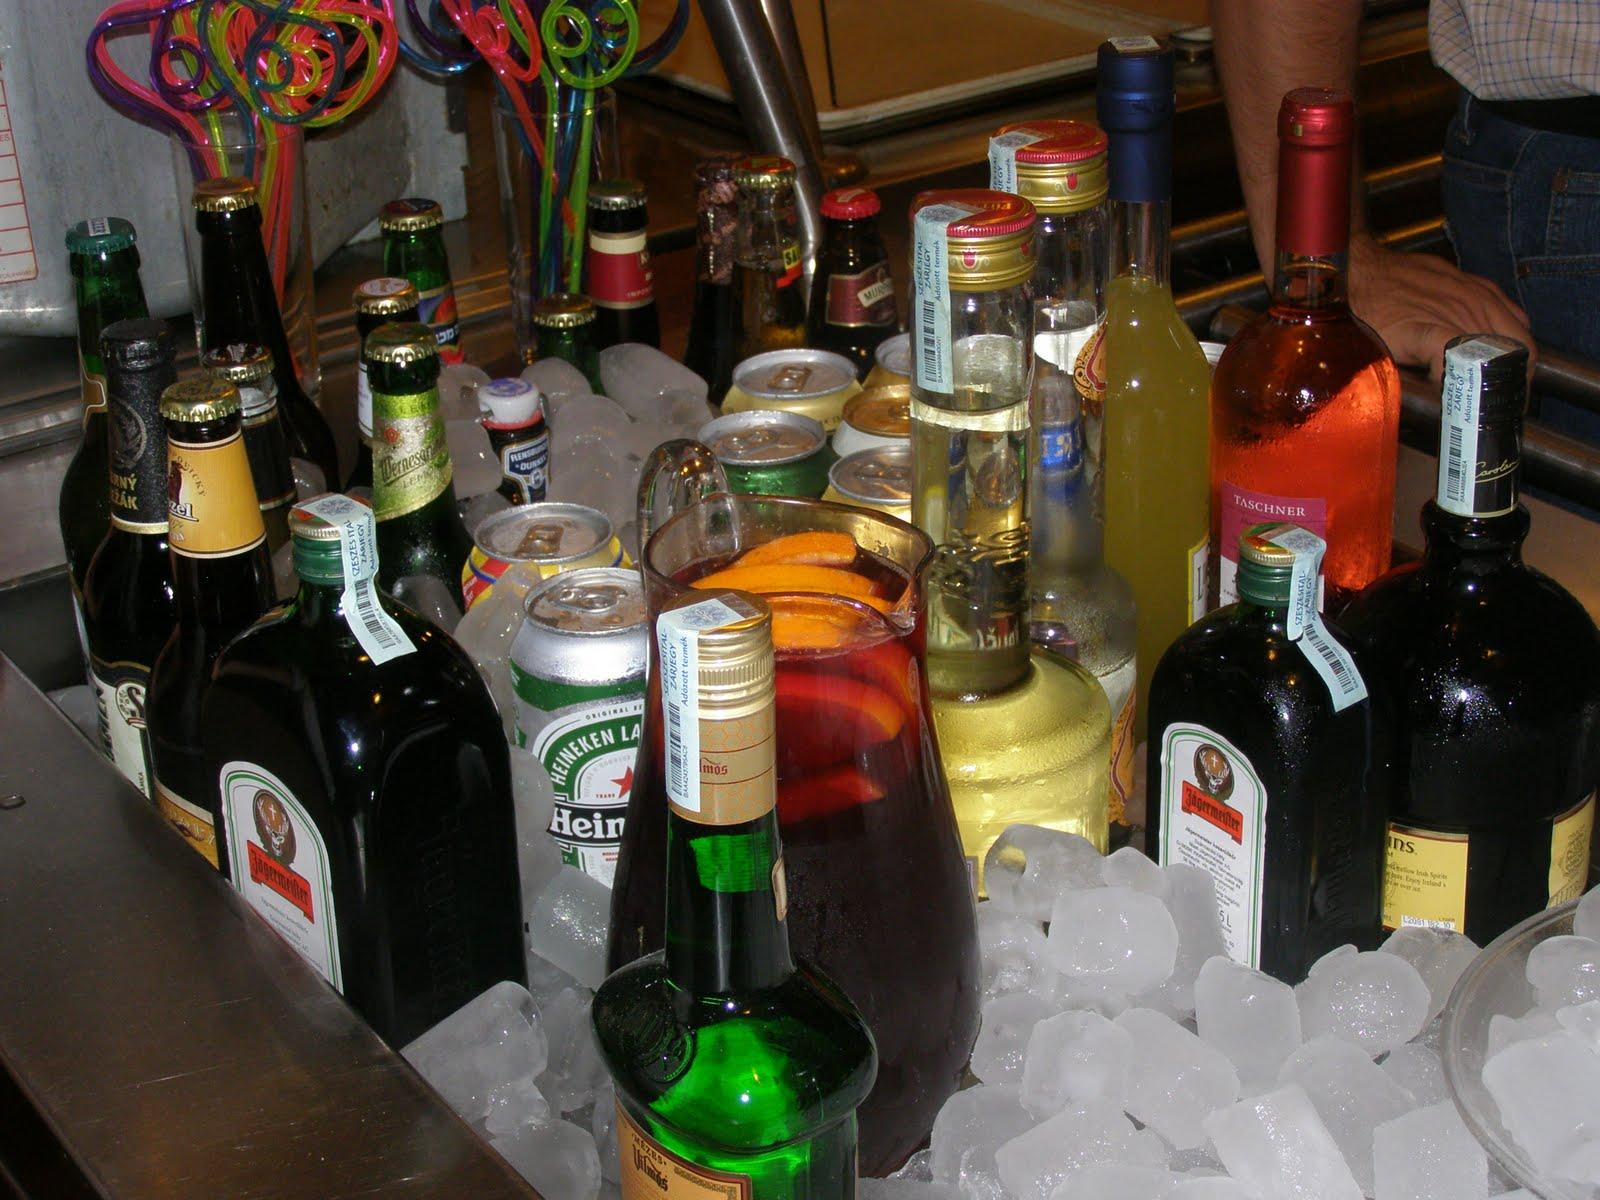 szülinapi italos képek Kriszta: Könny, szeretet, buli, avagy Virág születésnapja 2. rész szülinapi italos képek